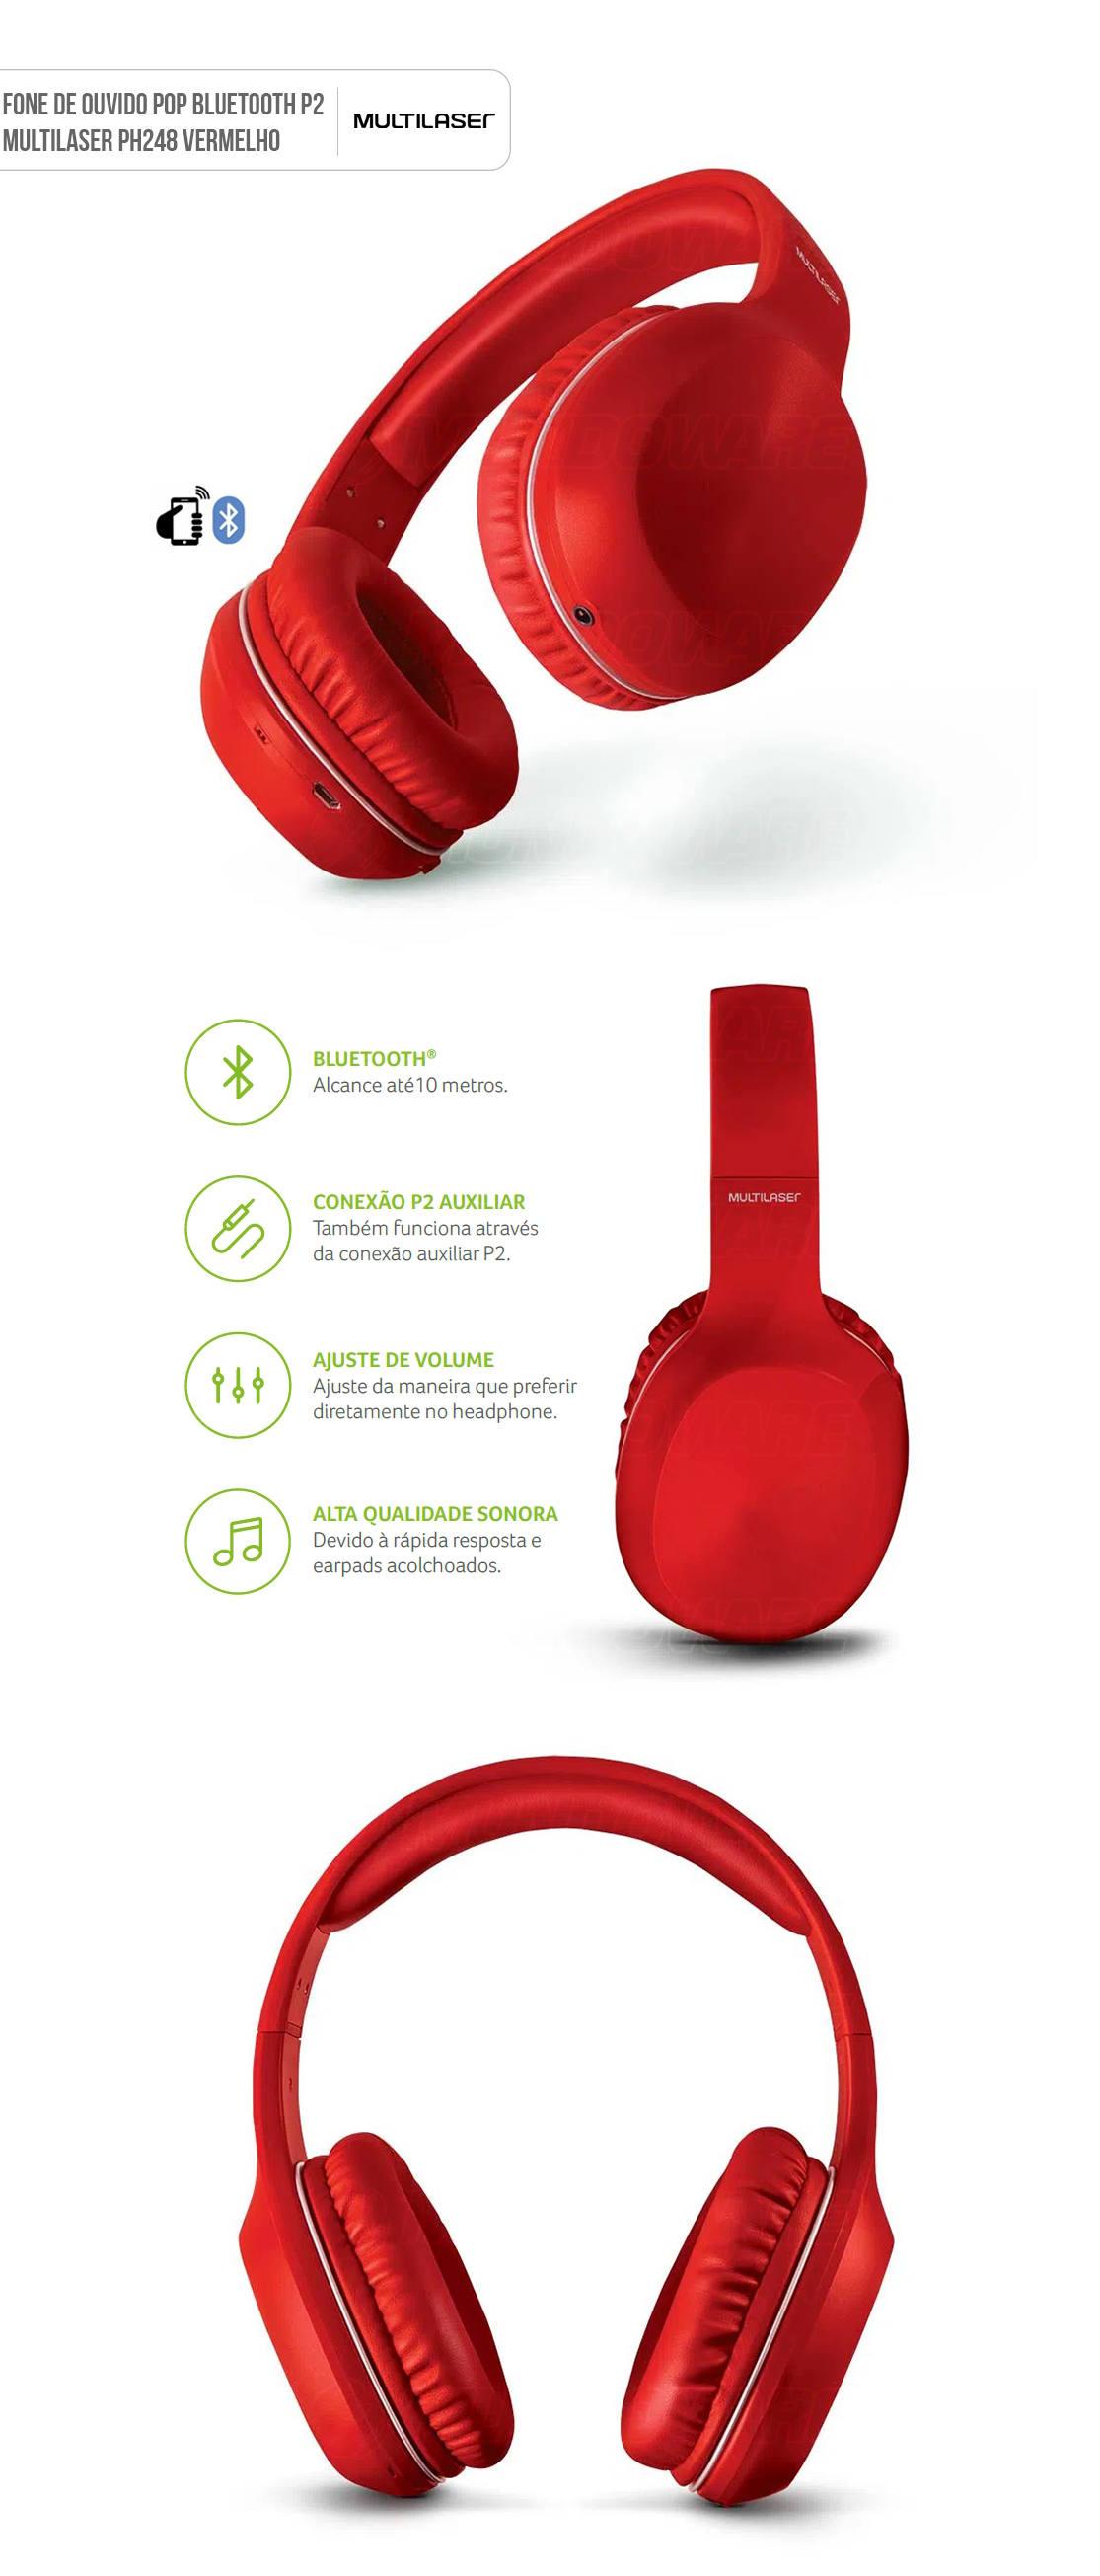 Fone De Ouvido Pop Bluetooth com Microfone Hands Free Earpads Extra Macios Acolchoados Vermelho Multilaser PH248